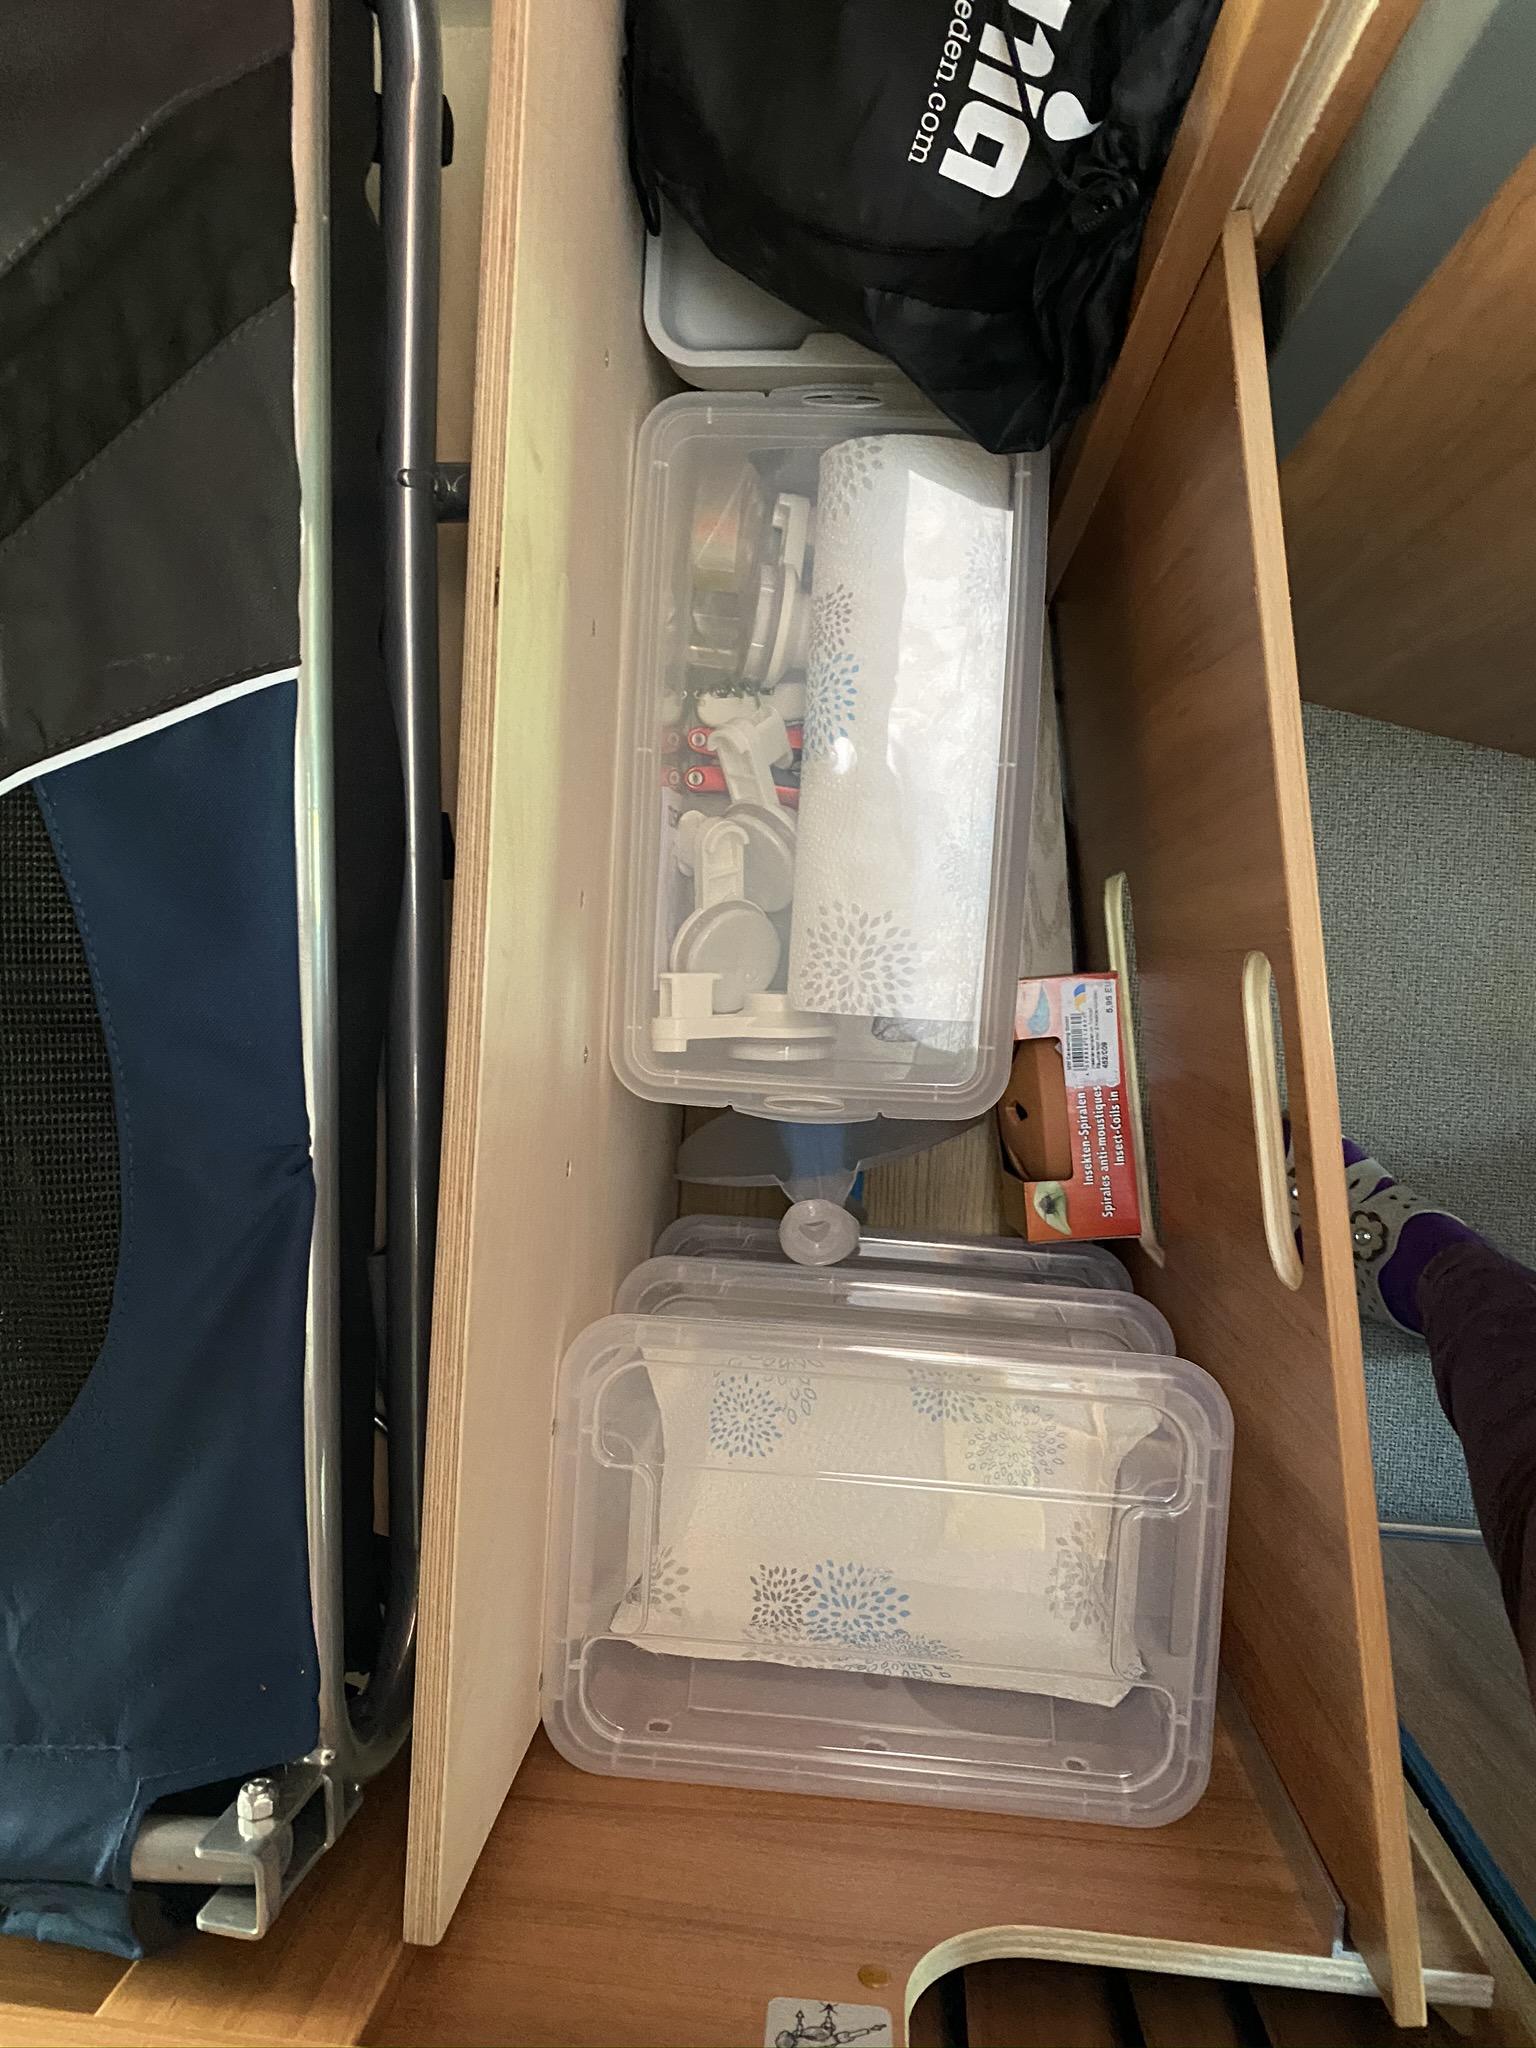 In den Zwischenraum passt Besen und Schaufel, auf der Zwiebelkiste findet die Gemüsekiste Platz und auf der Reservekiste eine Kiste mit allerlei Haken, Batterien u.s.w.